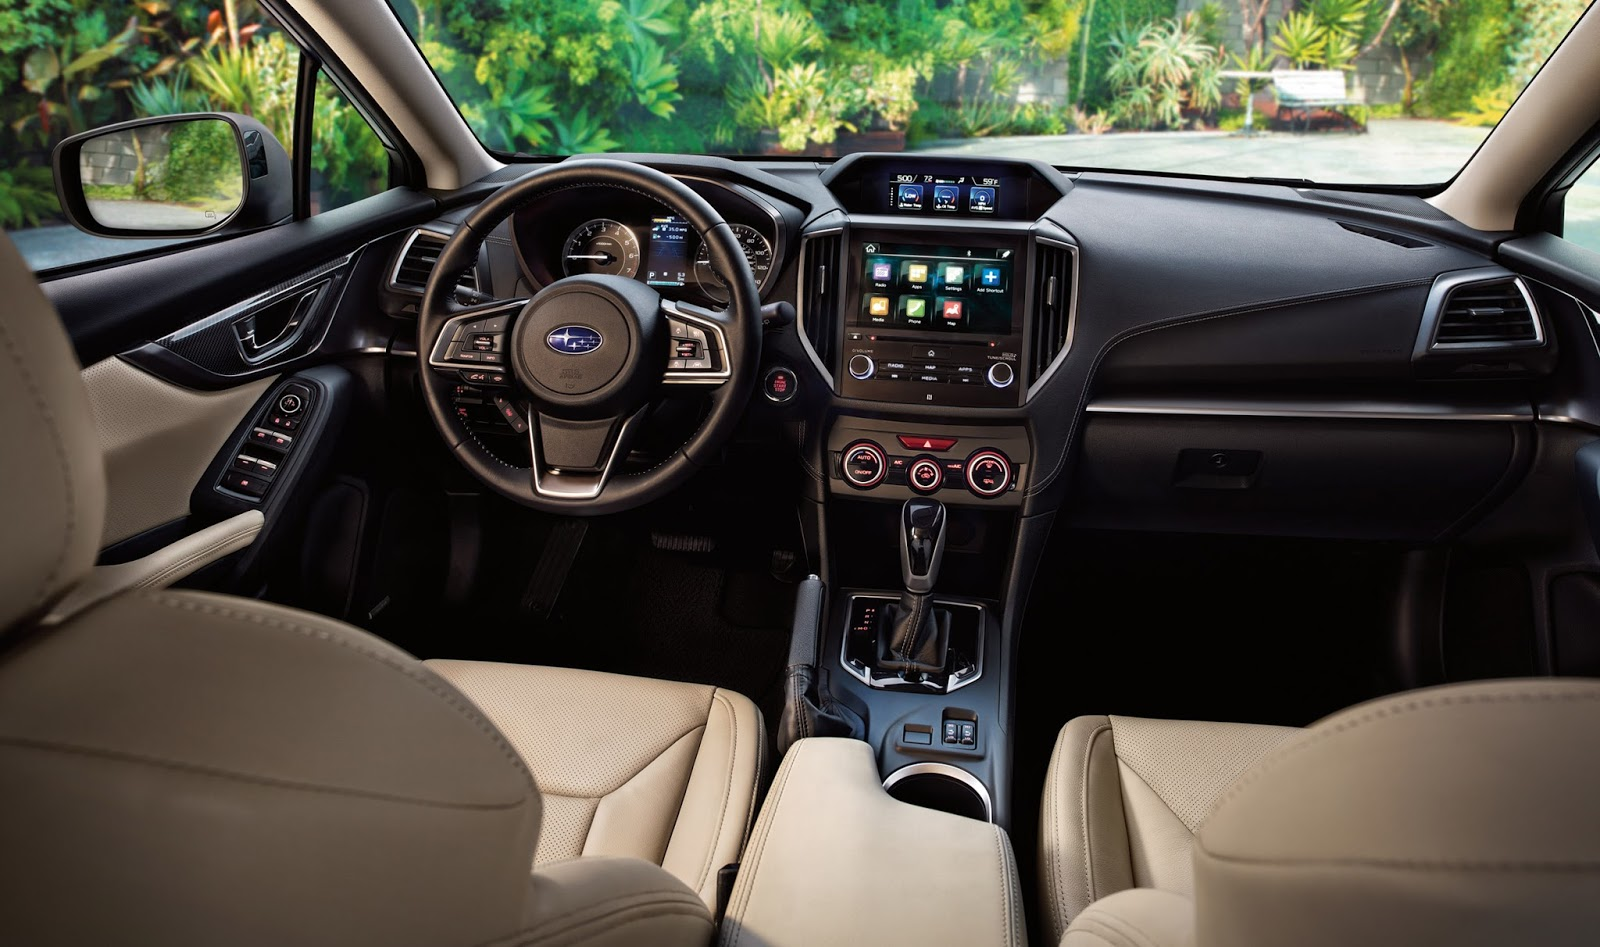 Nội thất gọn gàng, chắc chắn, bền bỉ cũng là điểm + nữa cho Subaru Impreza 2017